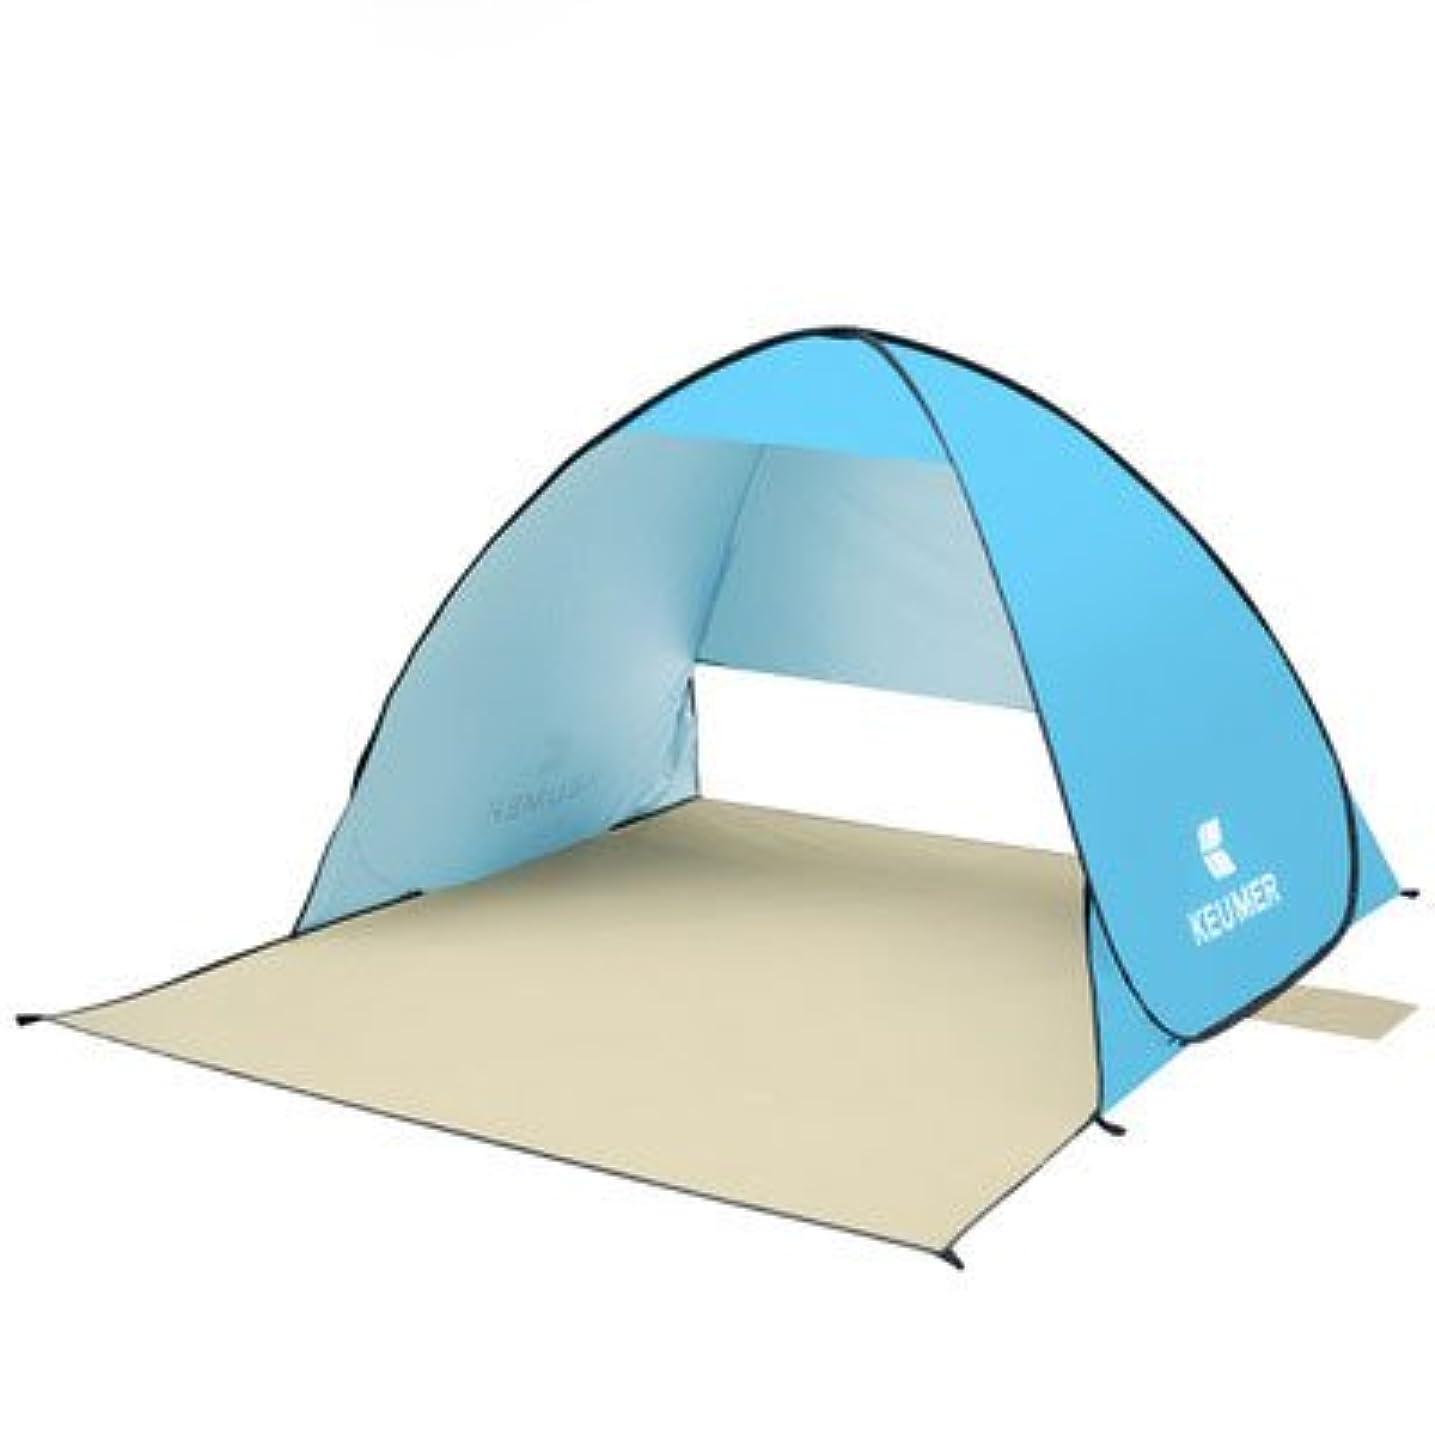 パンツ徴収深いSun-happyyaa 取り付けが簡単なビーチキャンプ用テント屋外用ポータブル日よけ家族向けプレイUVプロテクション大スペース安定性が高い 購入へようこそ (Color : ブルー)